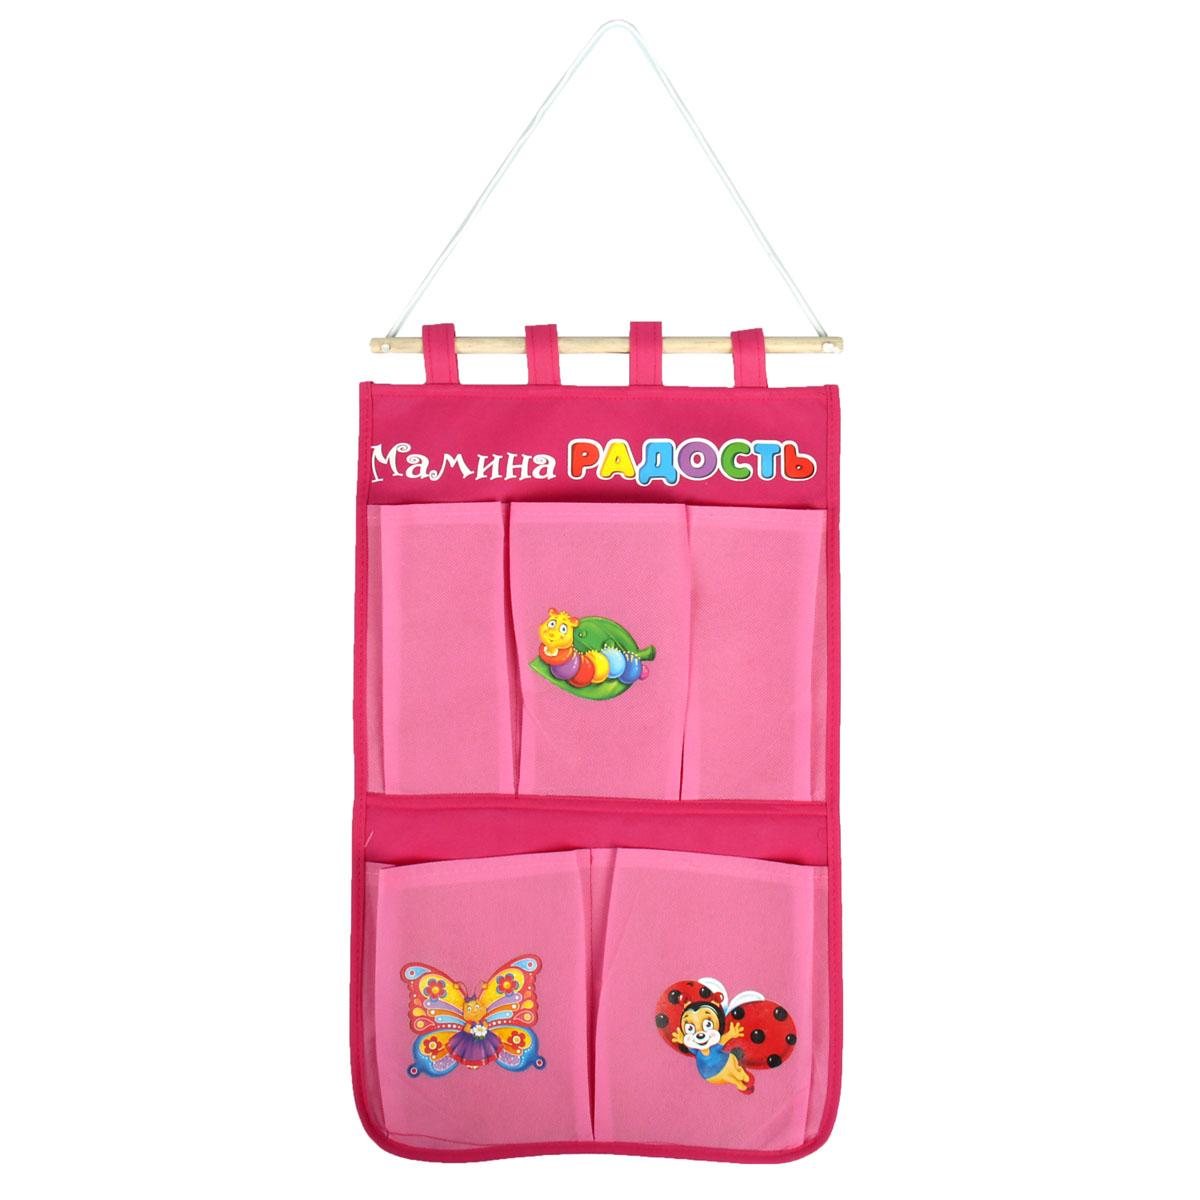 Кармашки на стену Sima-land Мамина радость, цвет: розовый, 5 шт кармашки на стену для бани sima land банные мелочи цвет белый 3 шт